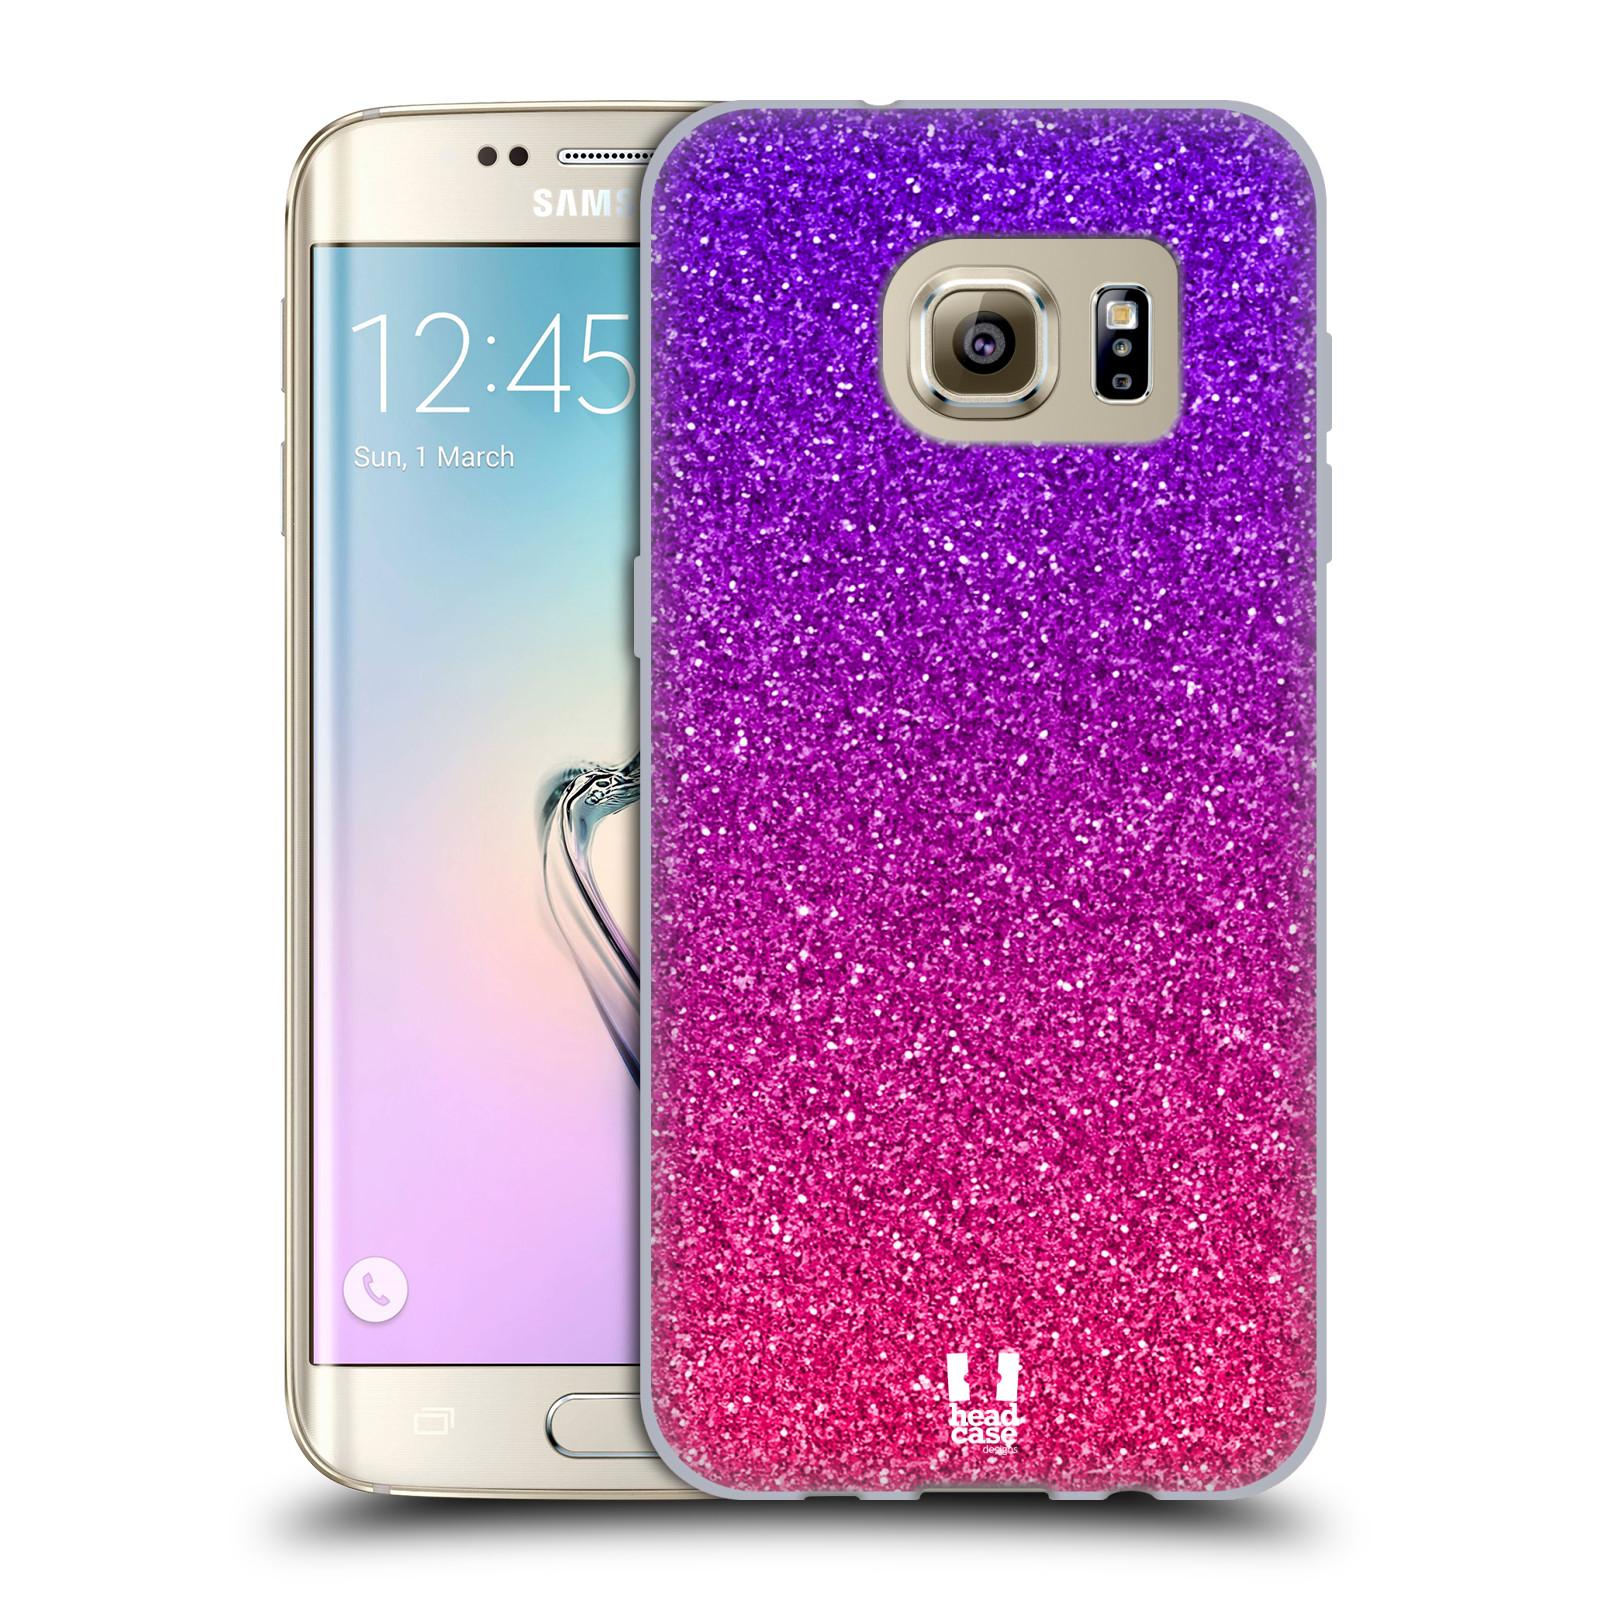 Silikonové pouzdro na mobil Samsung Galaxy S7 Edge HEAD CASE MIX PINK (Silikonový kryt či obal na mobilní telefon Samsung Galaxy S7 Edge SM-G935F)